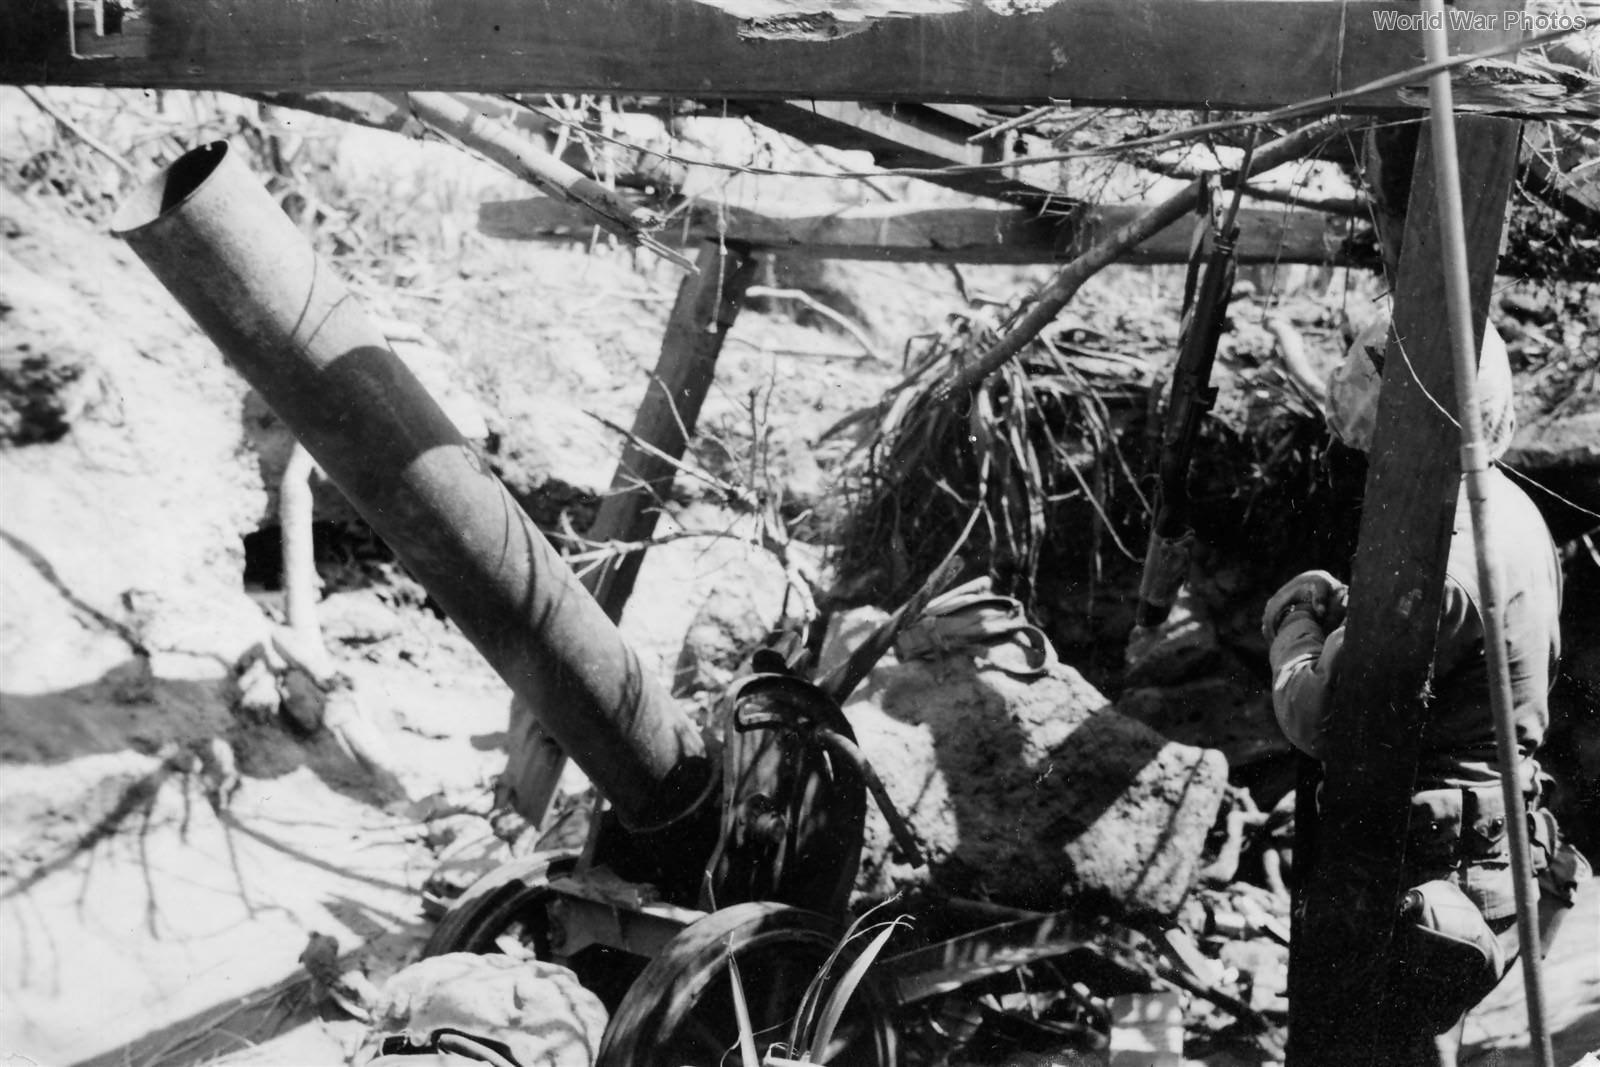 Japanese 200mm Rocket Launcher Found on Iwo Jima